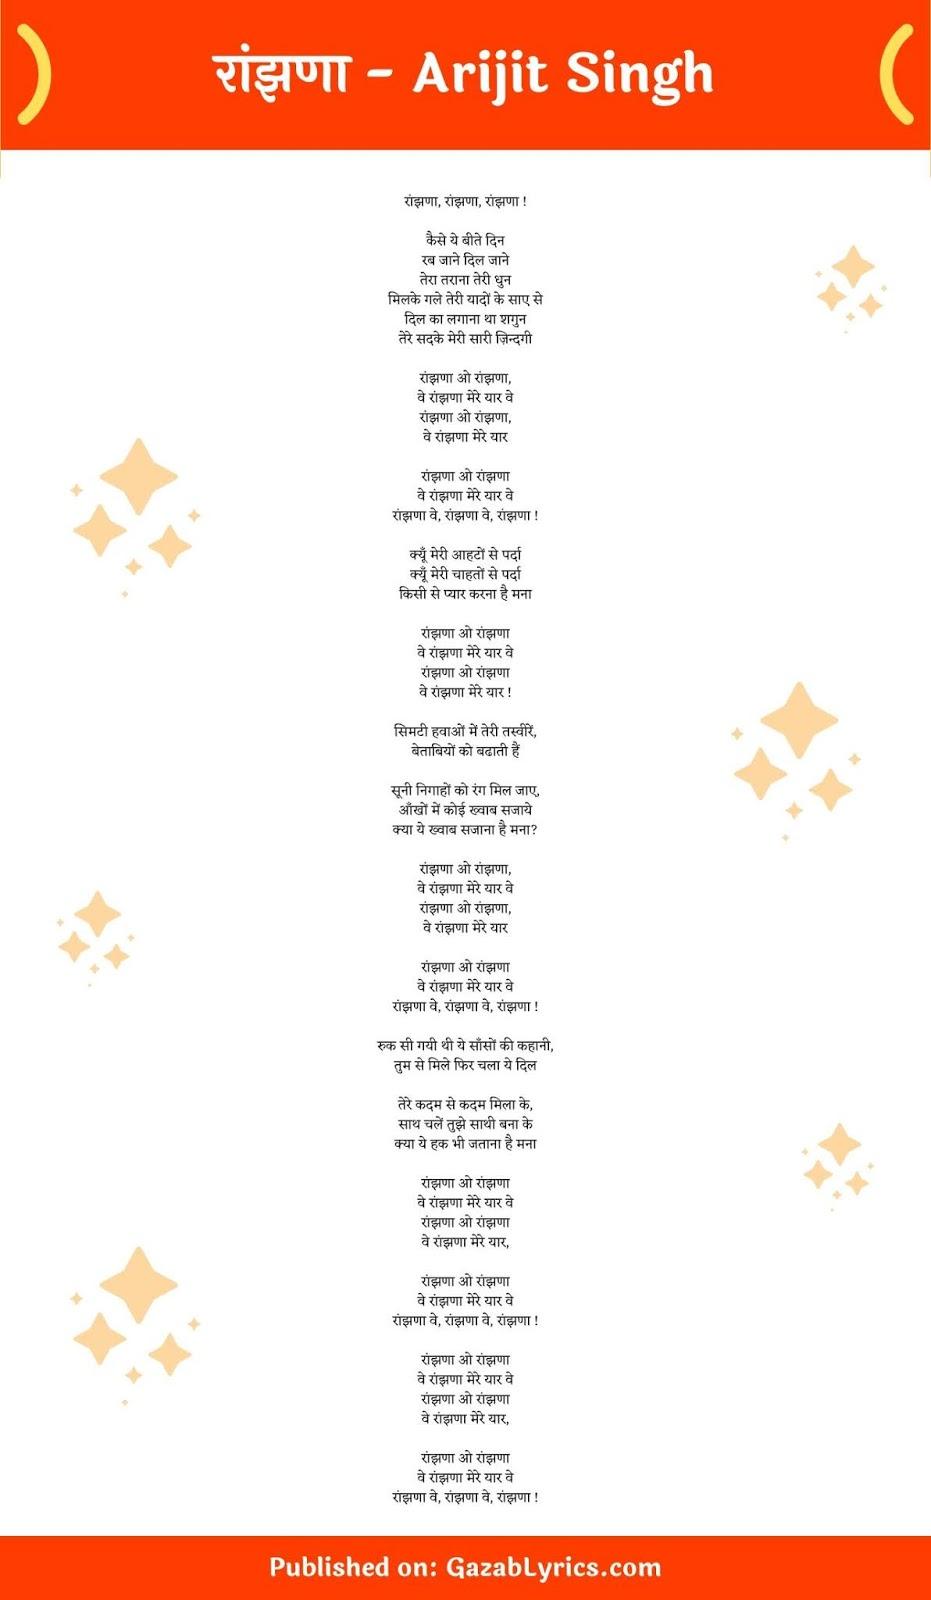 Raanjhana song lyrics image